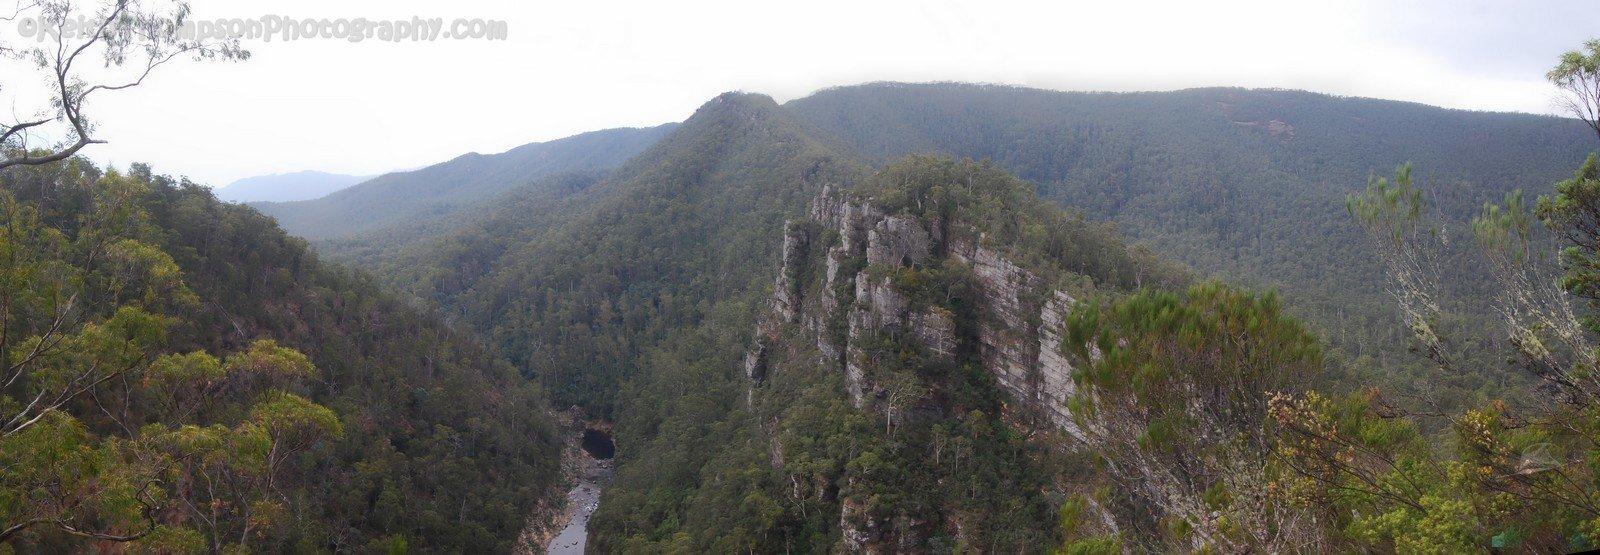 Alum Cliffs Gorge1